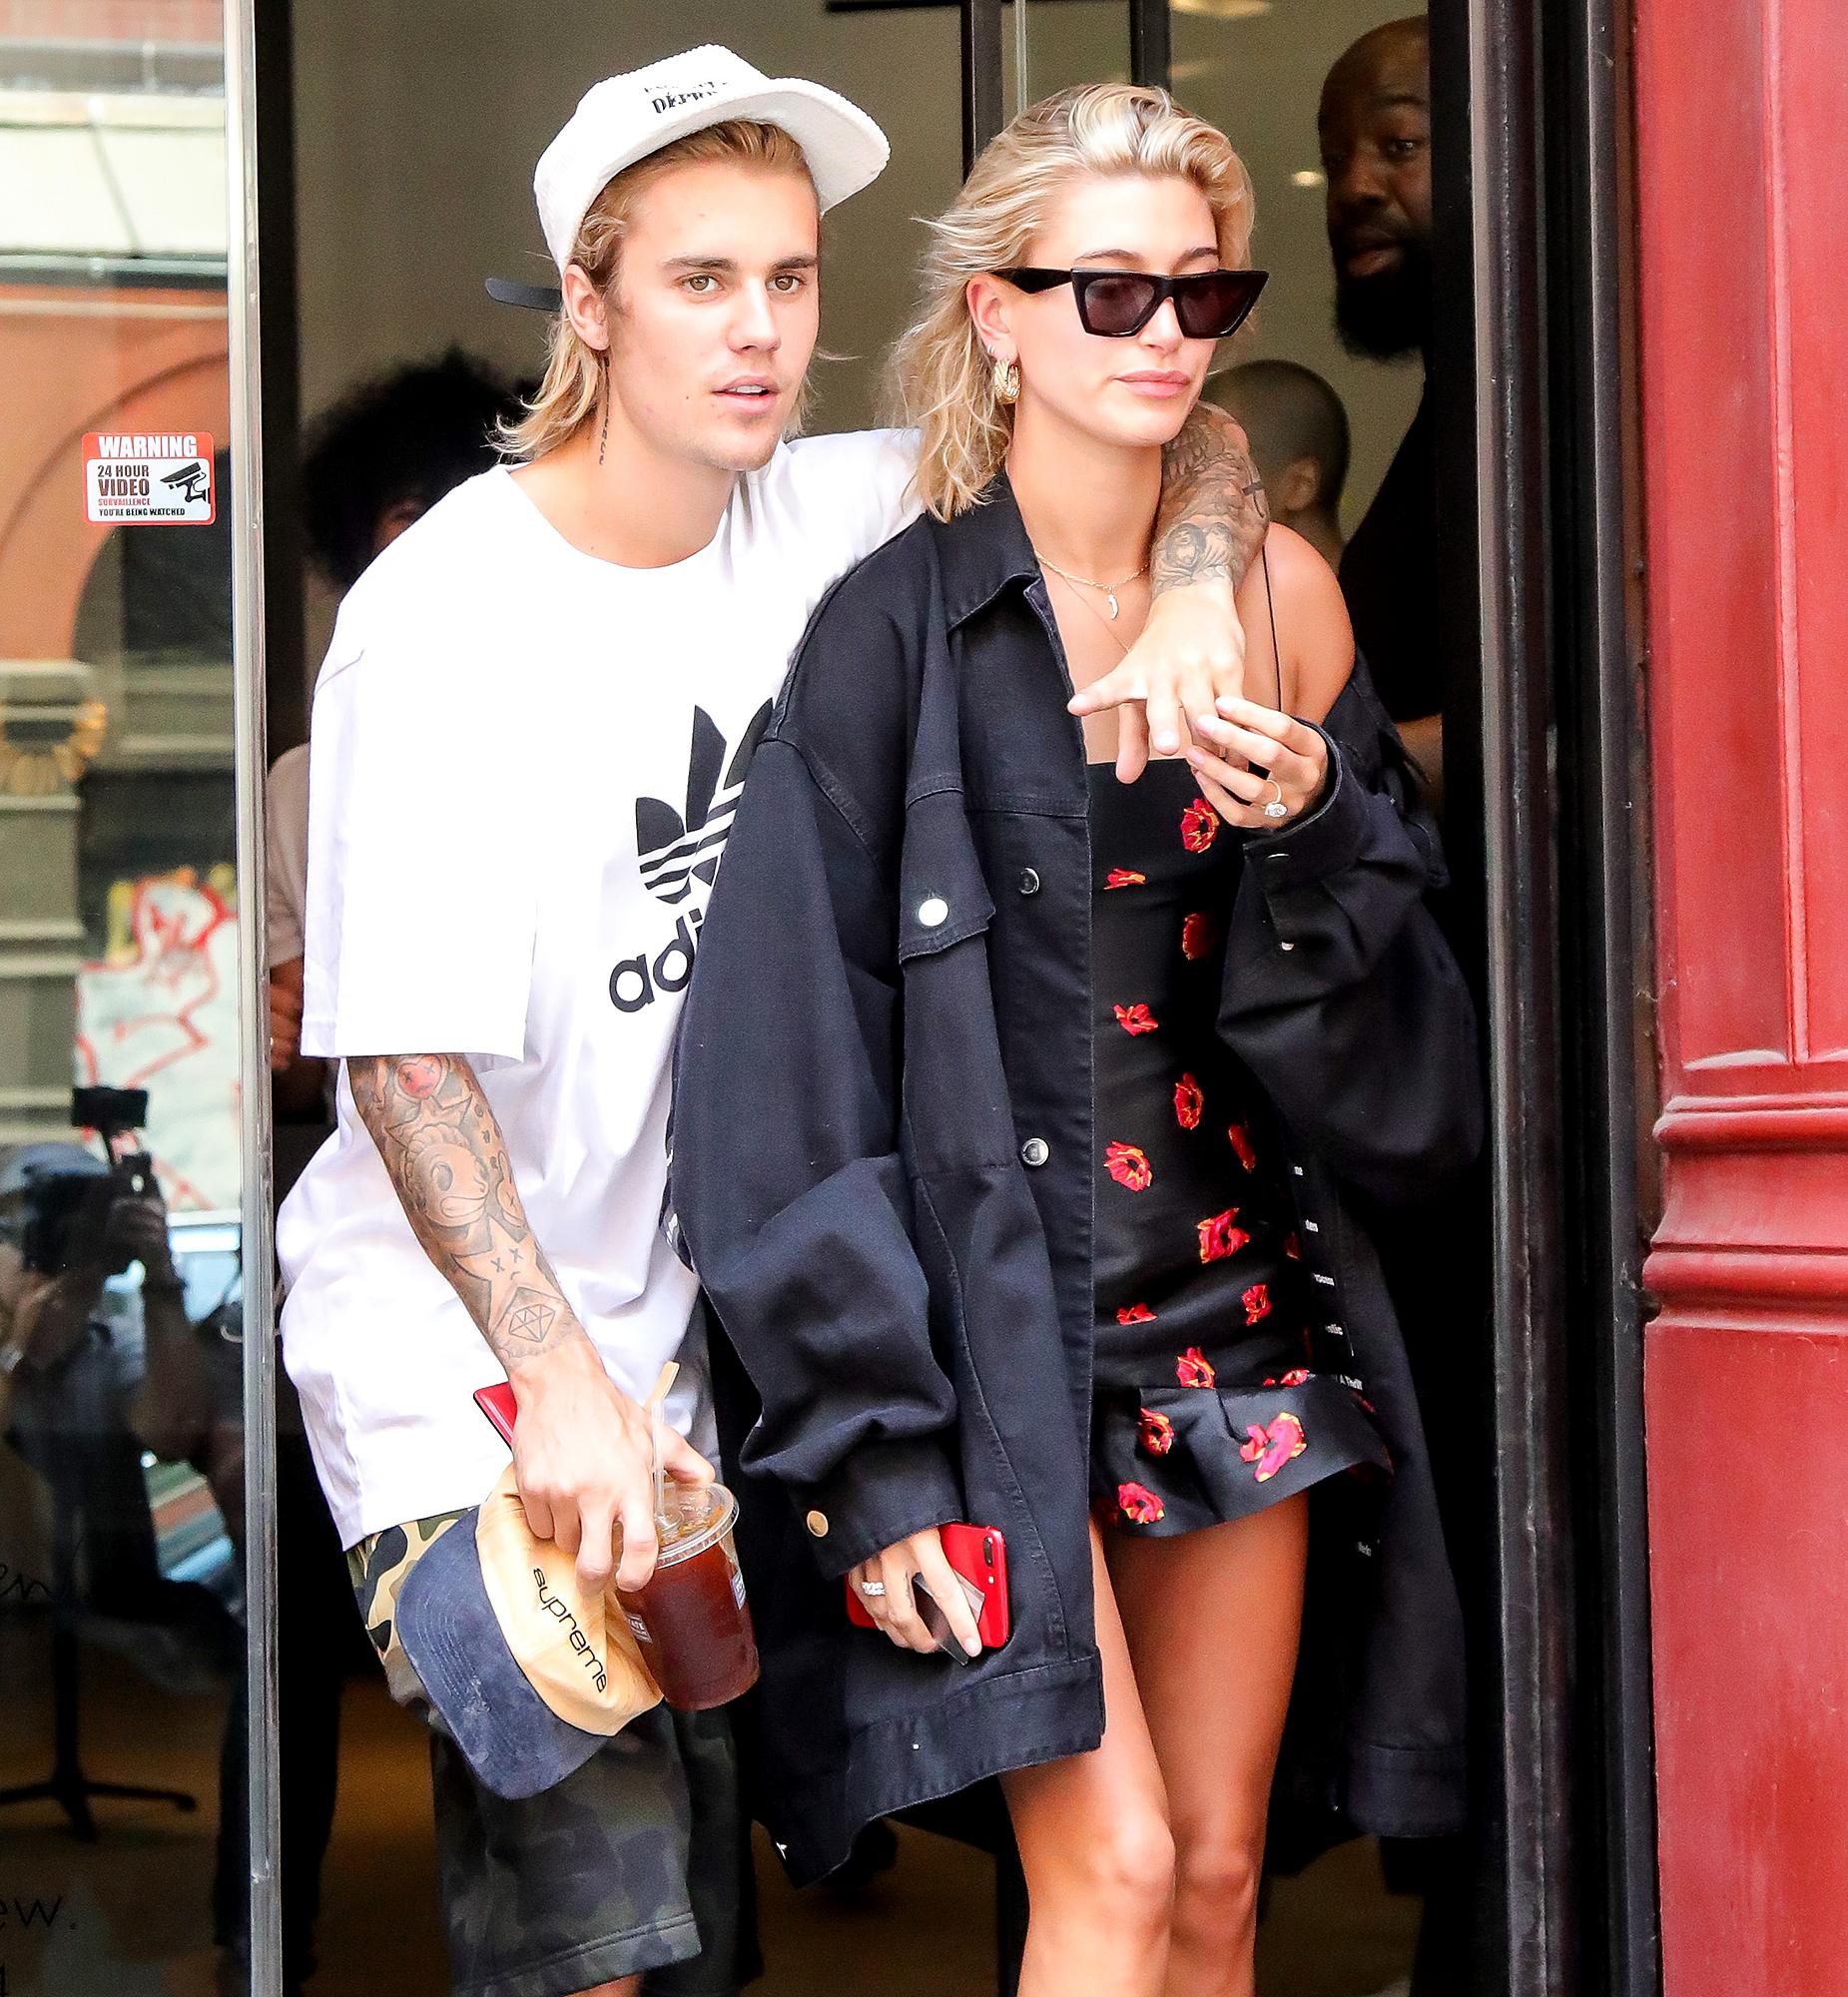 Justin-Bieber-and-Hailey-Baldwin